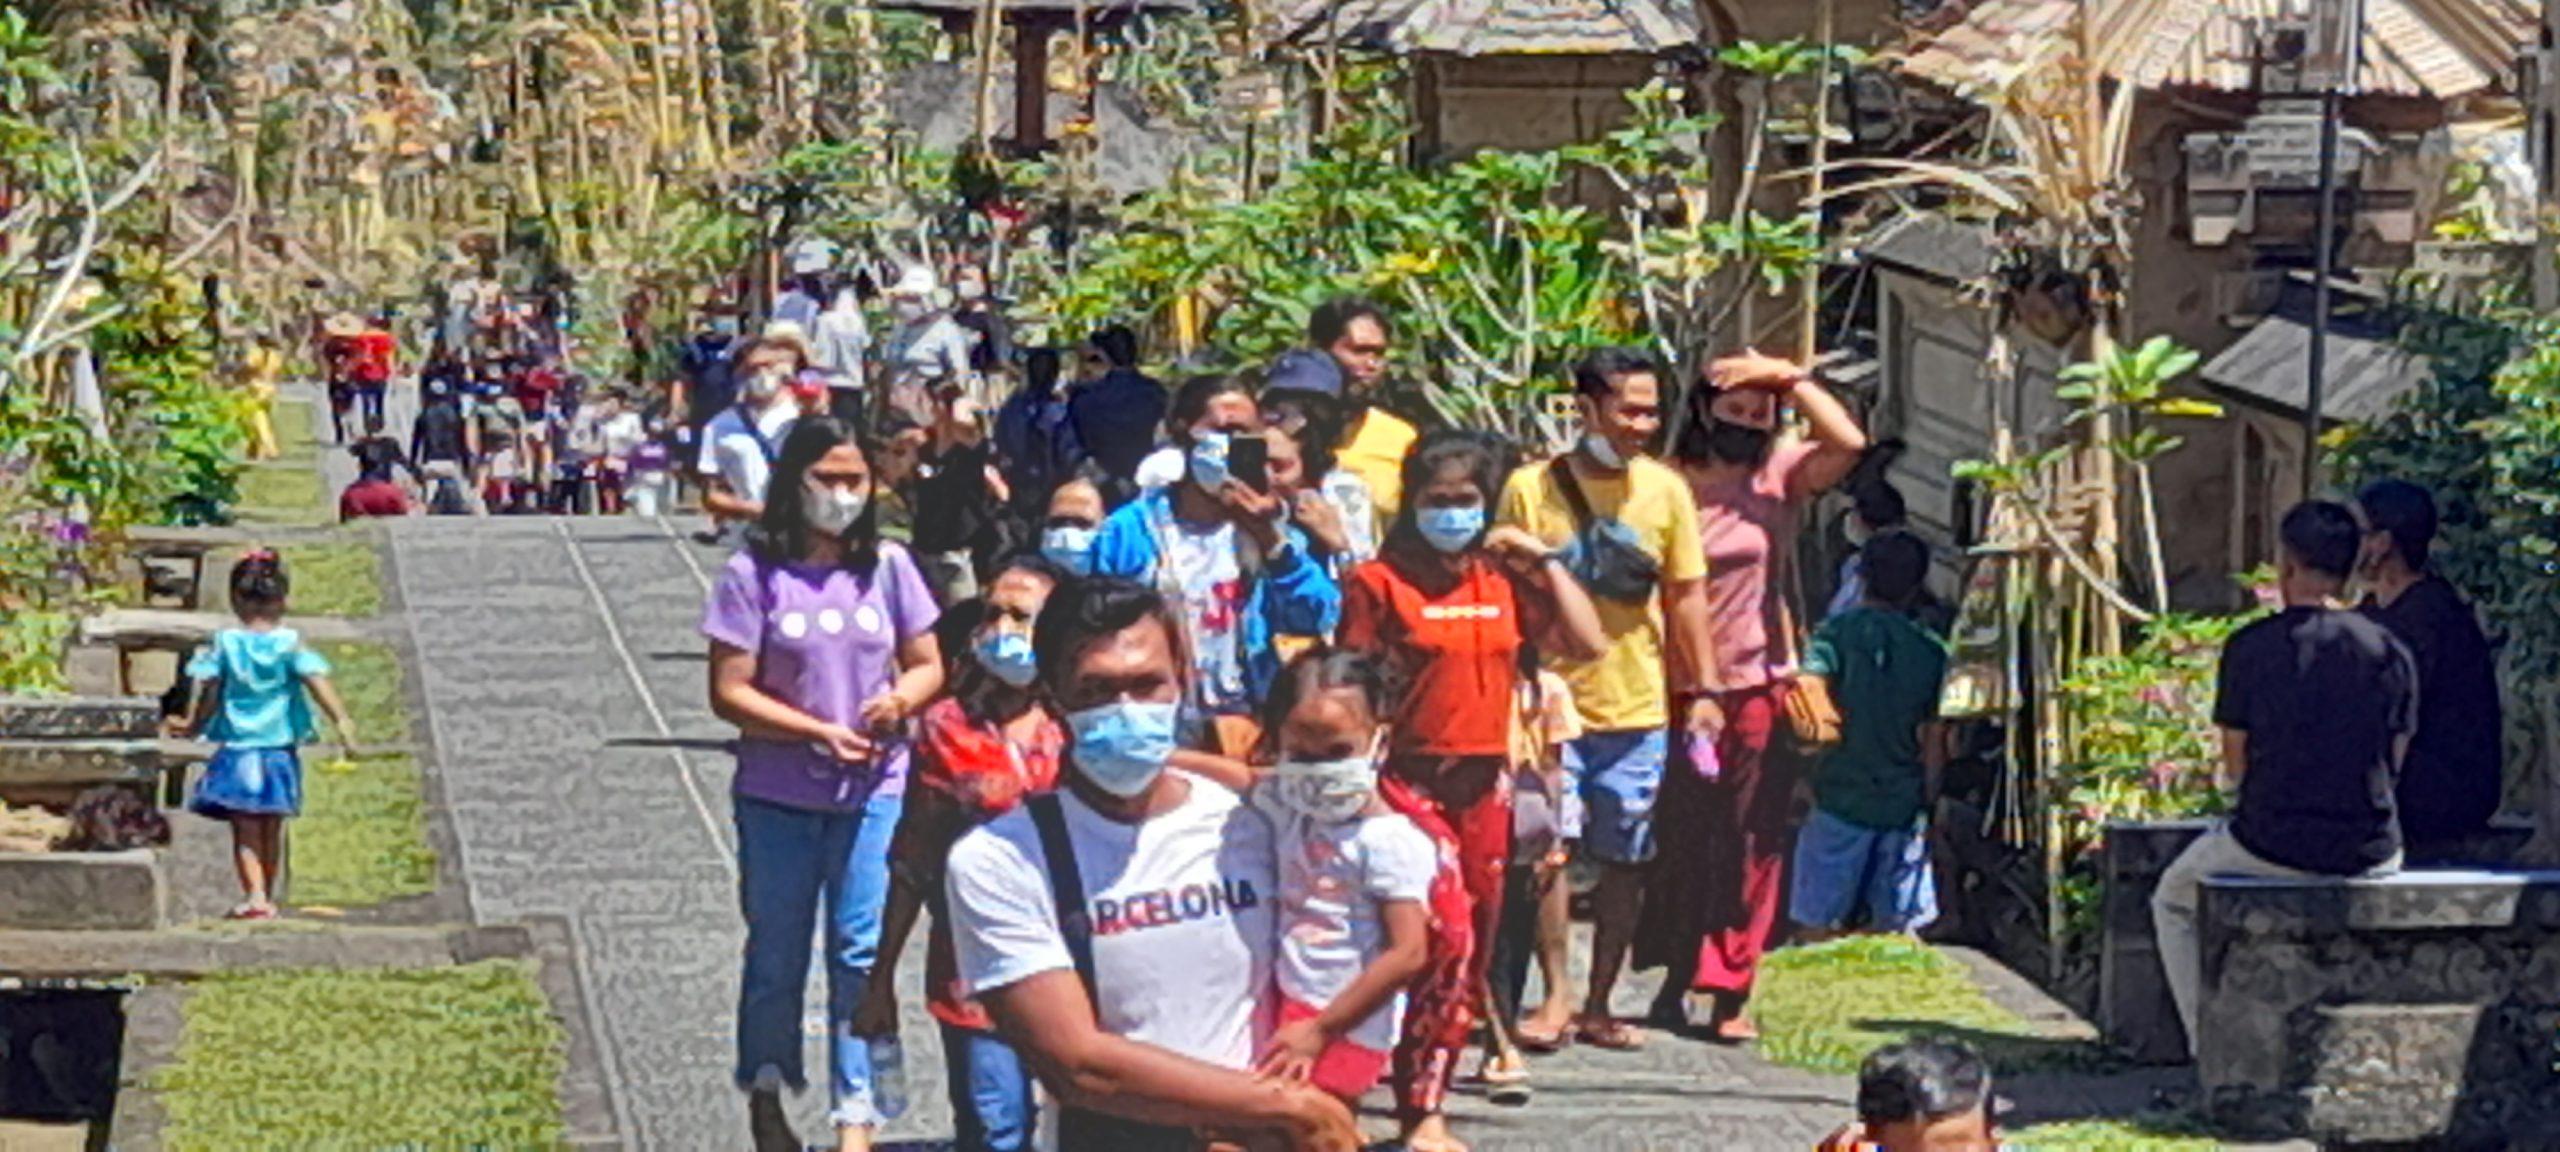 KAWASAN objek wisata Kintamani yakni di Penelokan dan Desa Wisata Penglipuran masih jadi primadona wisatawan lokal menikmati libur Umanis Galungan, Kamis (15/4/2021). Foto: ist